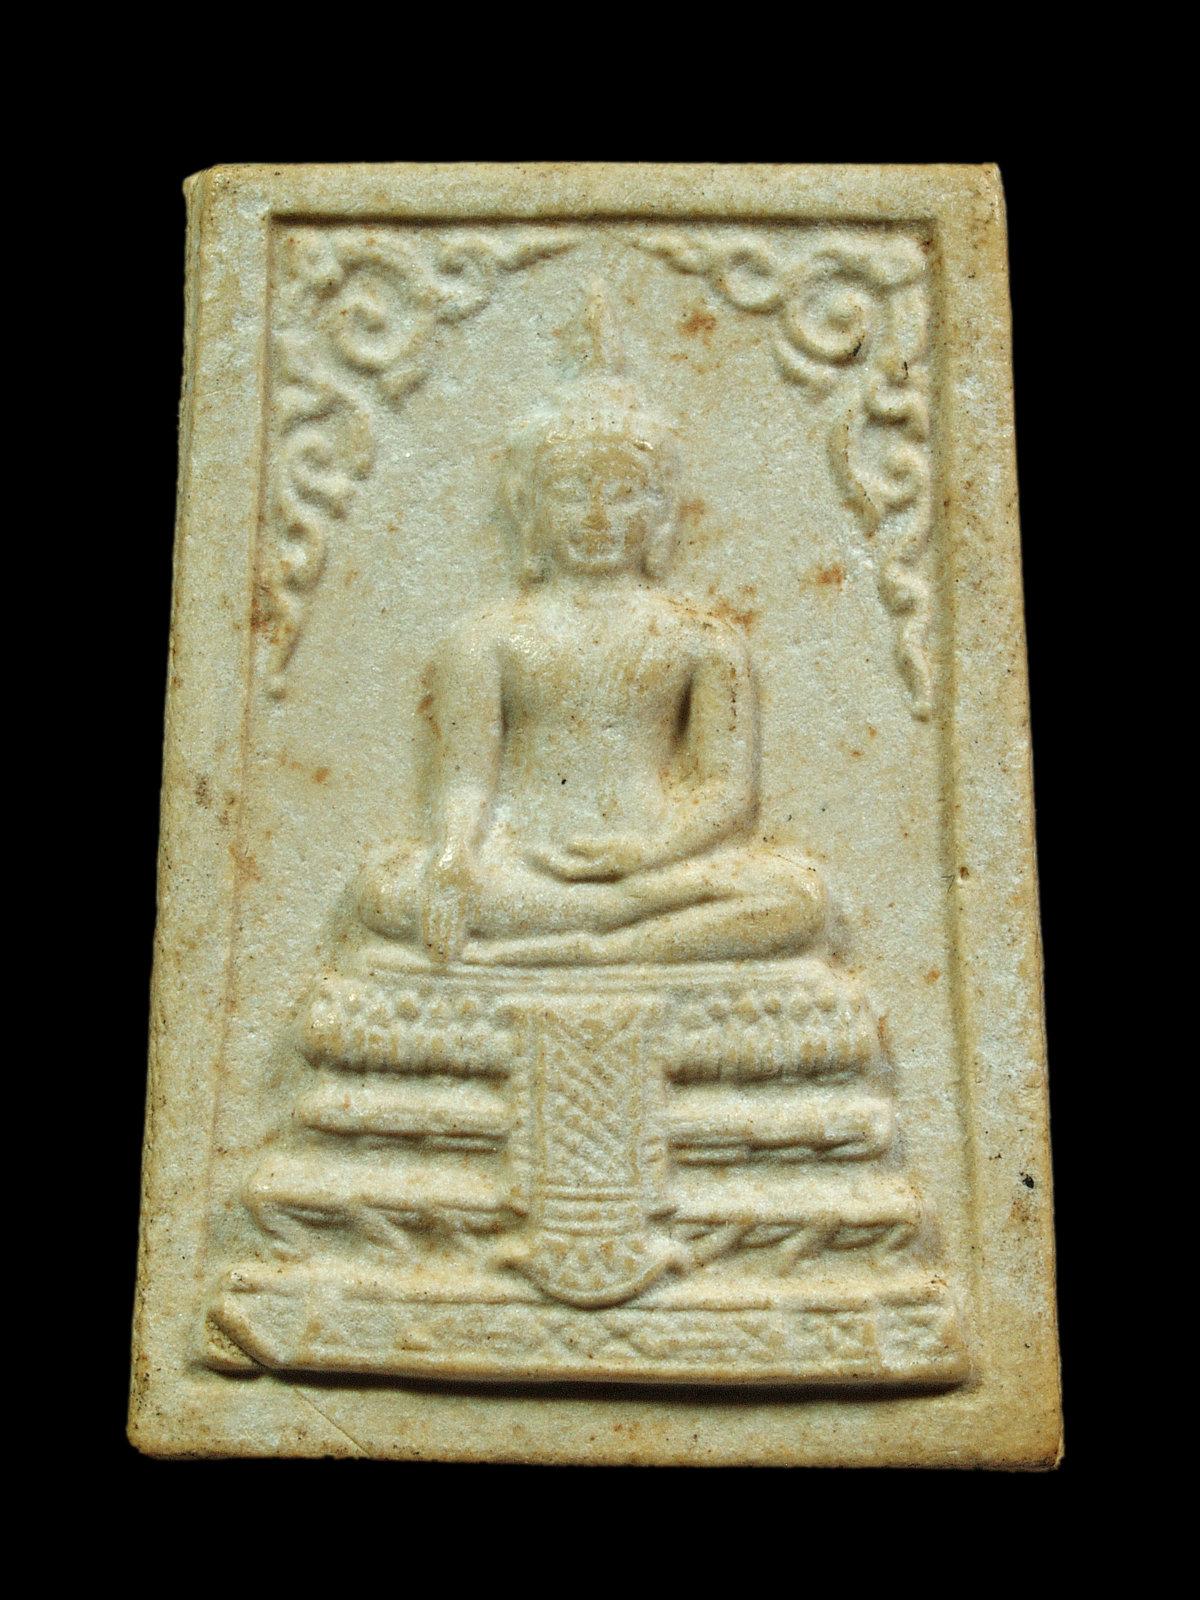 พระผงพระพุทธโสธร (ลองพิมพ์) หลวงพ่อจรัญ วัดอัมพวัน รุ่นแรก ปี 2513 c.jpg